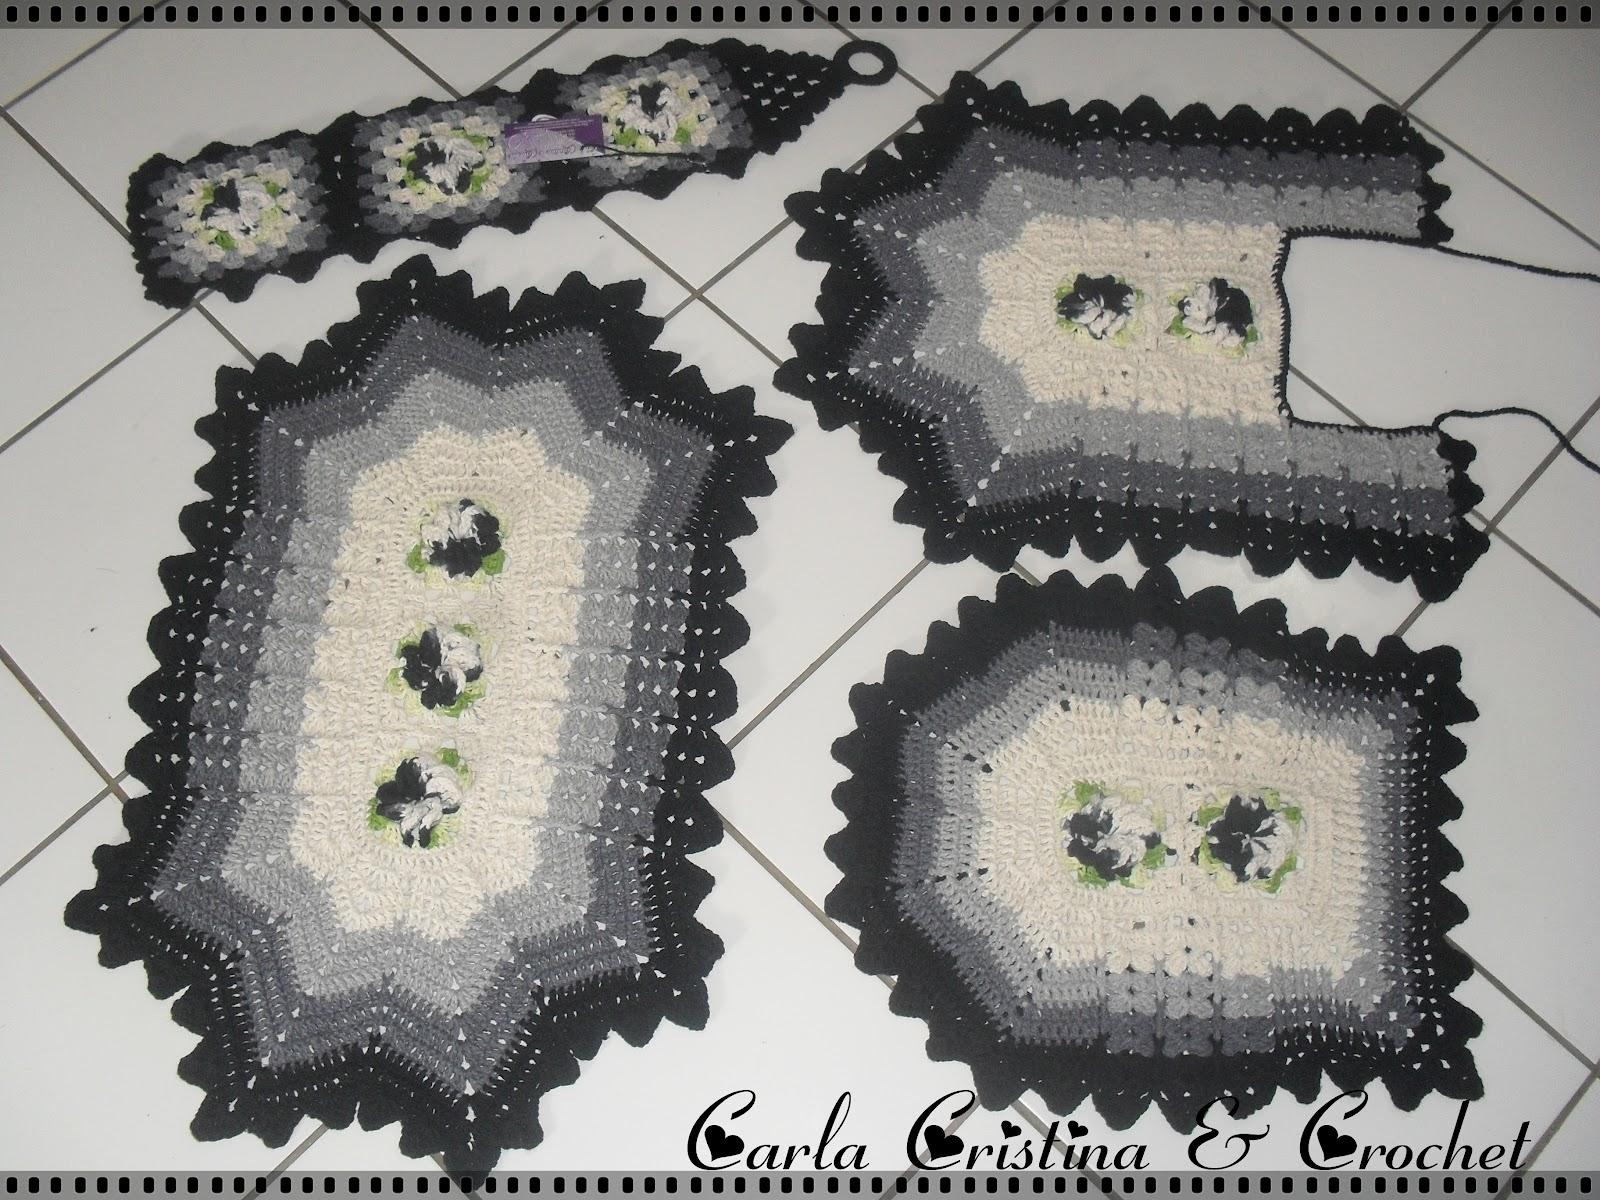 Carla Cristina & Crochet: Jogo de Banheiro Preto e Cinza #60654E 1600x1200 Banheiro Branco Preto E Cinza